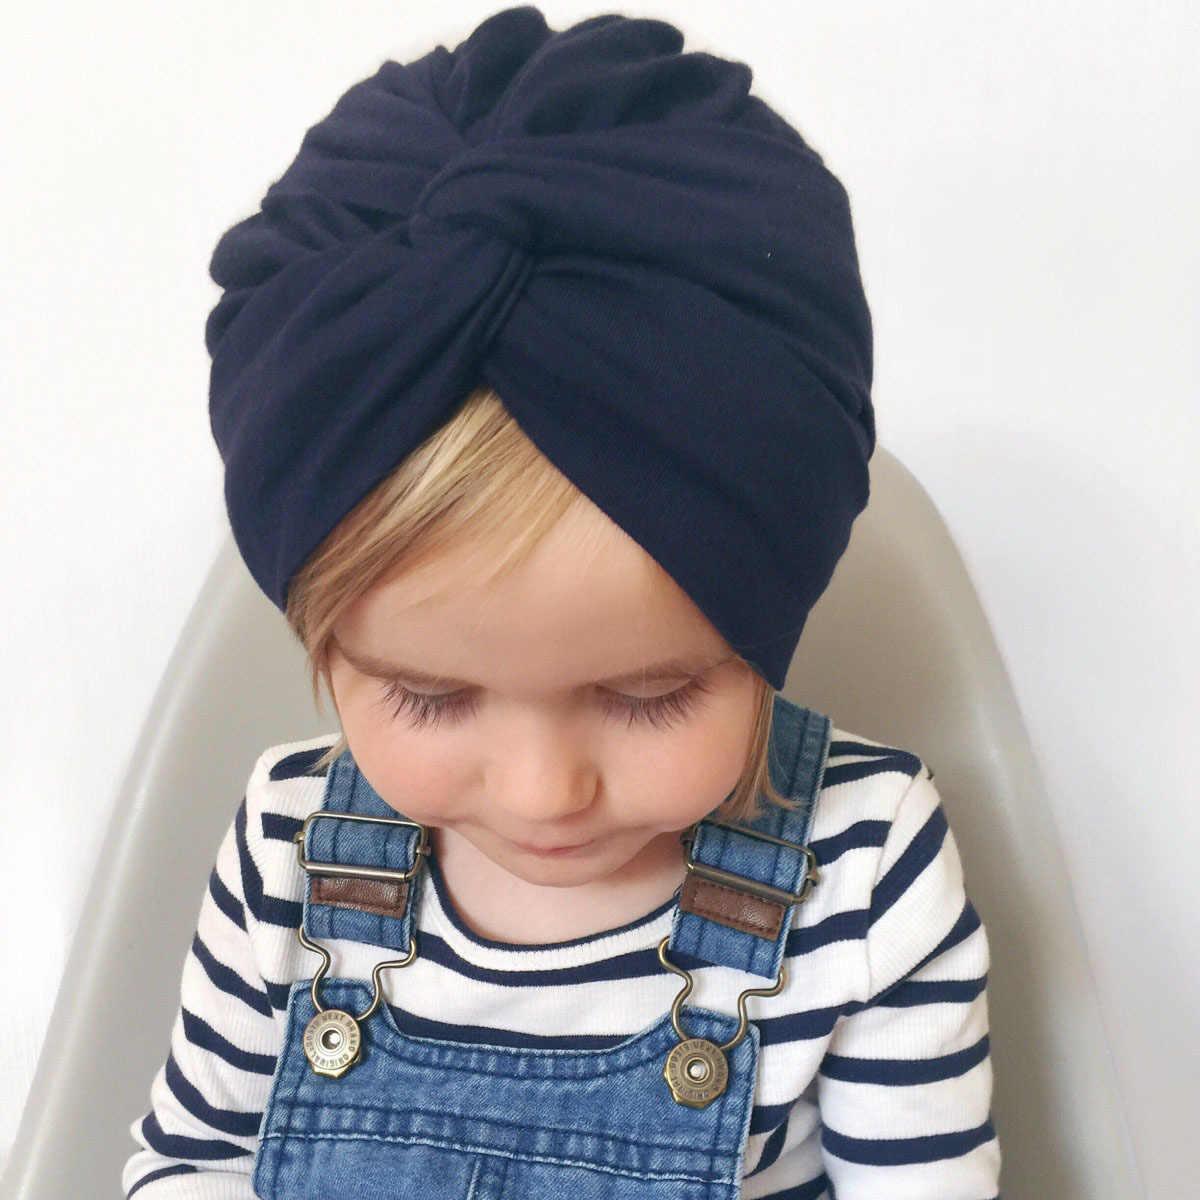 חמוד כותנה תערובת תינוק טורבן כובע יילוד כפת כובעי ילדי בנות בארה פעוט מקלחת כובע מתנת יום הולדת אבזרי תמונה